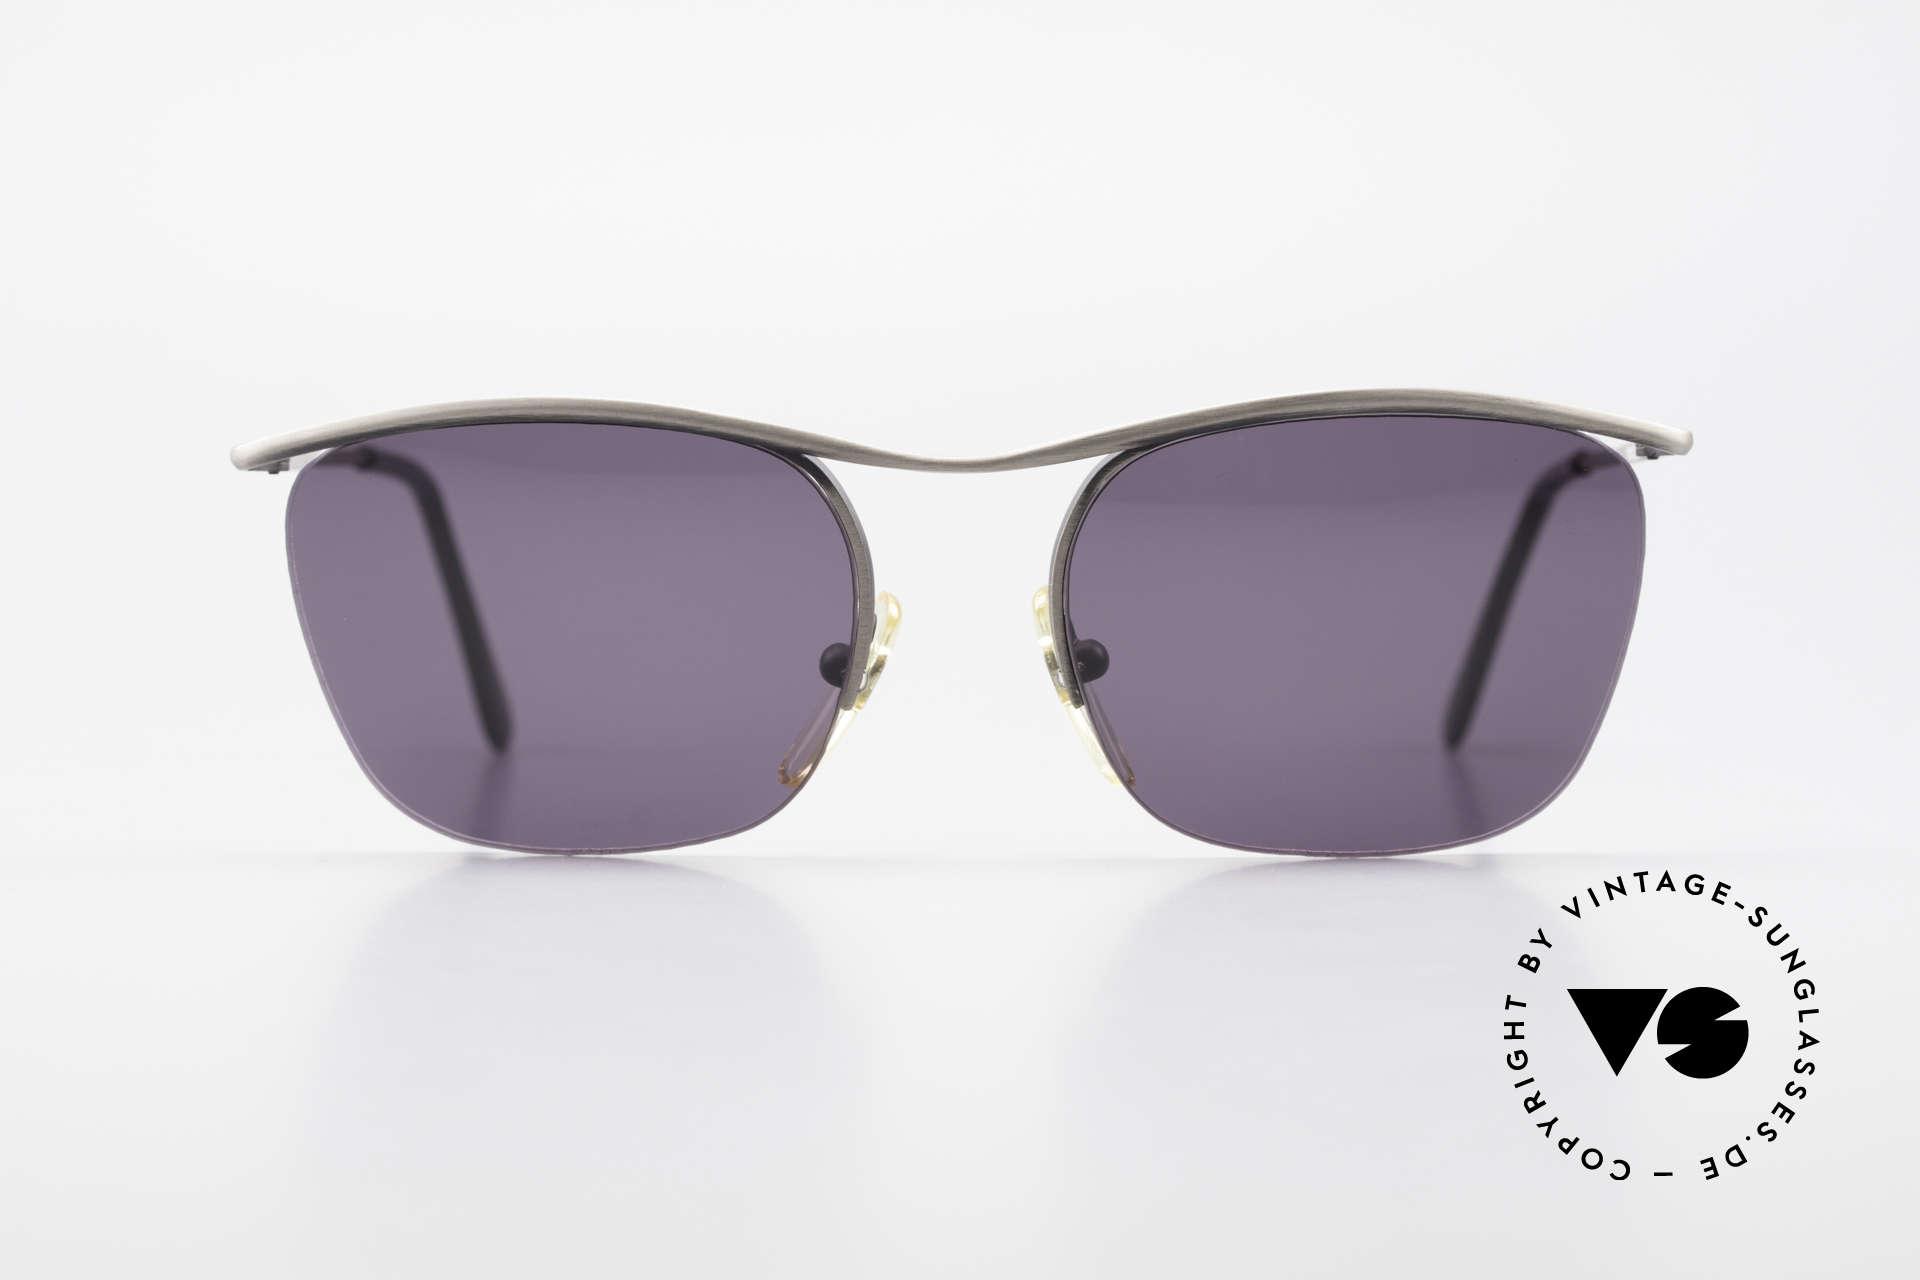 Cutler And Gross 0267 Halb Rahmenlose Sonnenbrille, klassisch, zeitlose Understatement Luxus-Sonnenbrille, Passend für Herren und Damen